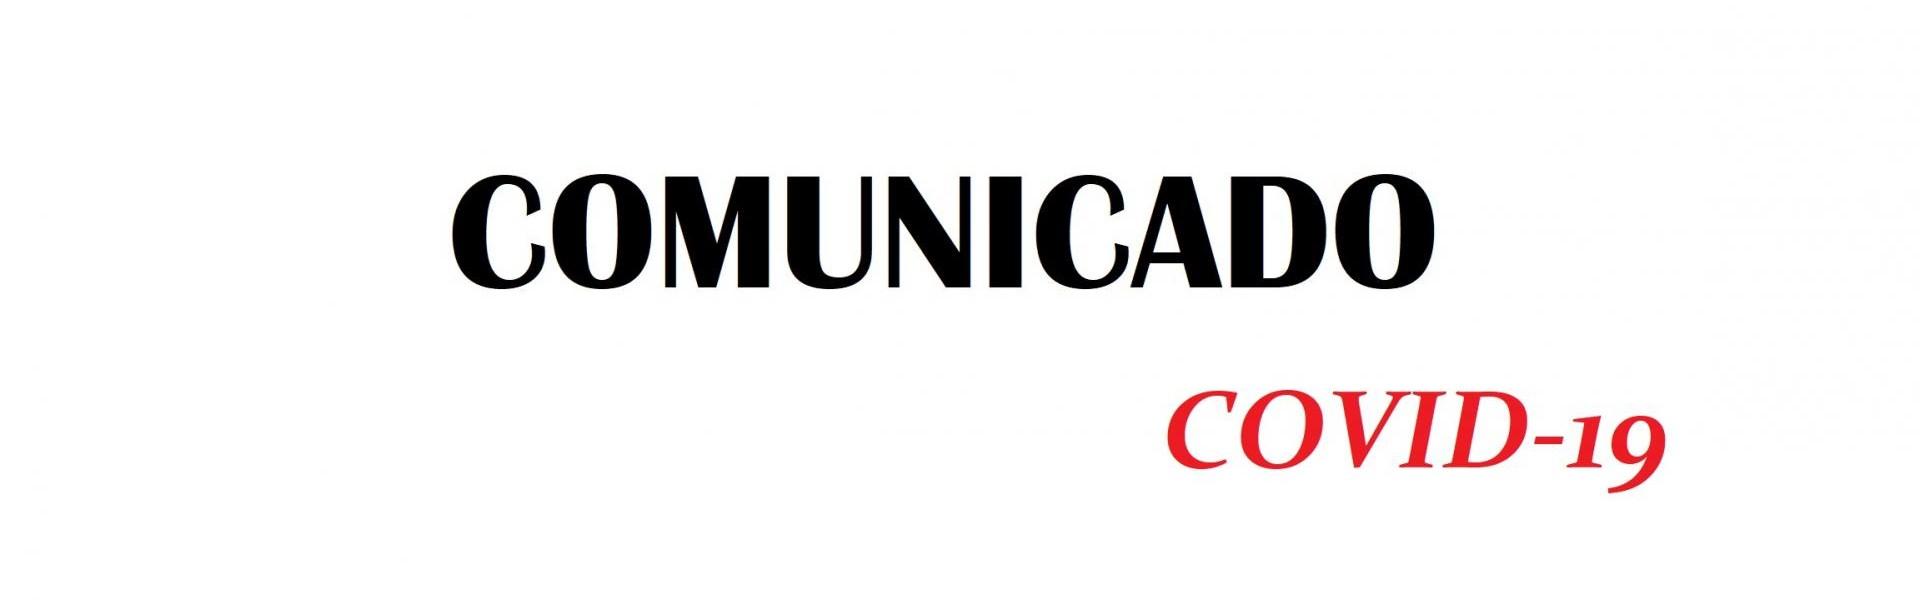 Comunicado - Coronavírus (COVID-19): Aulas da rede municipal de ensino ficarão suspensas até 31 de agosto